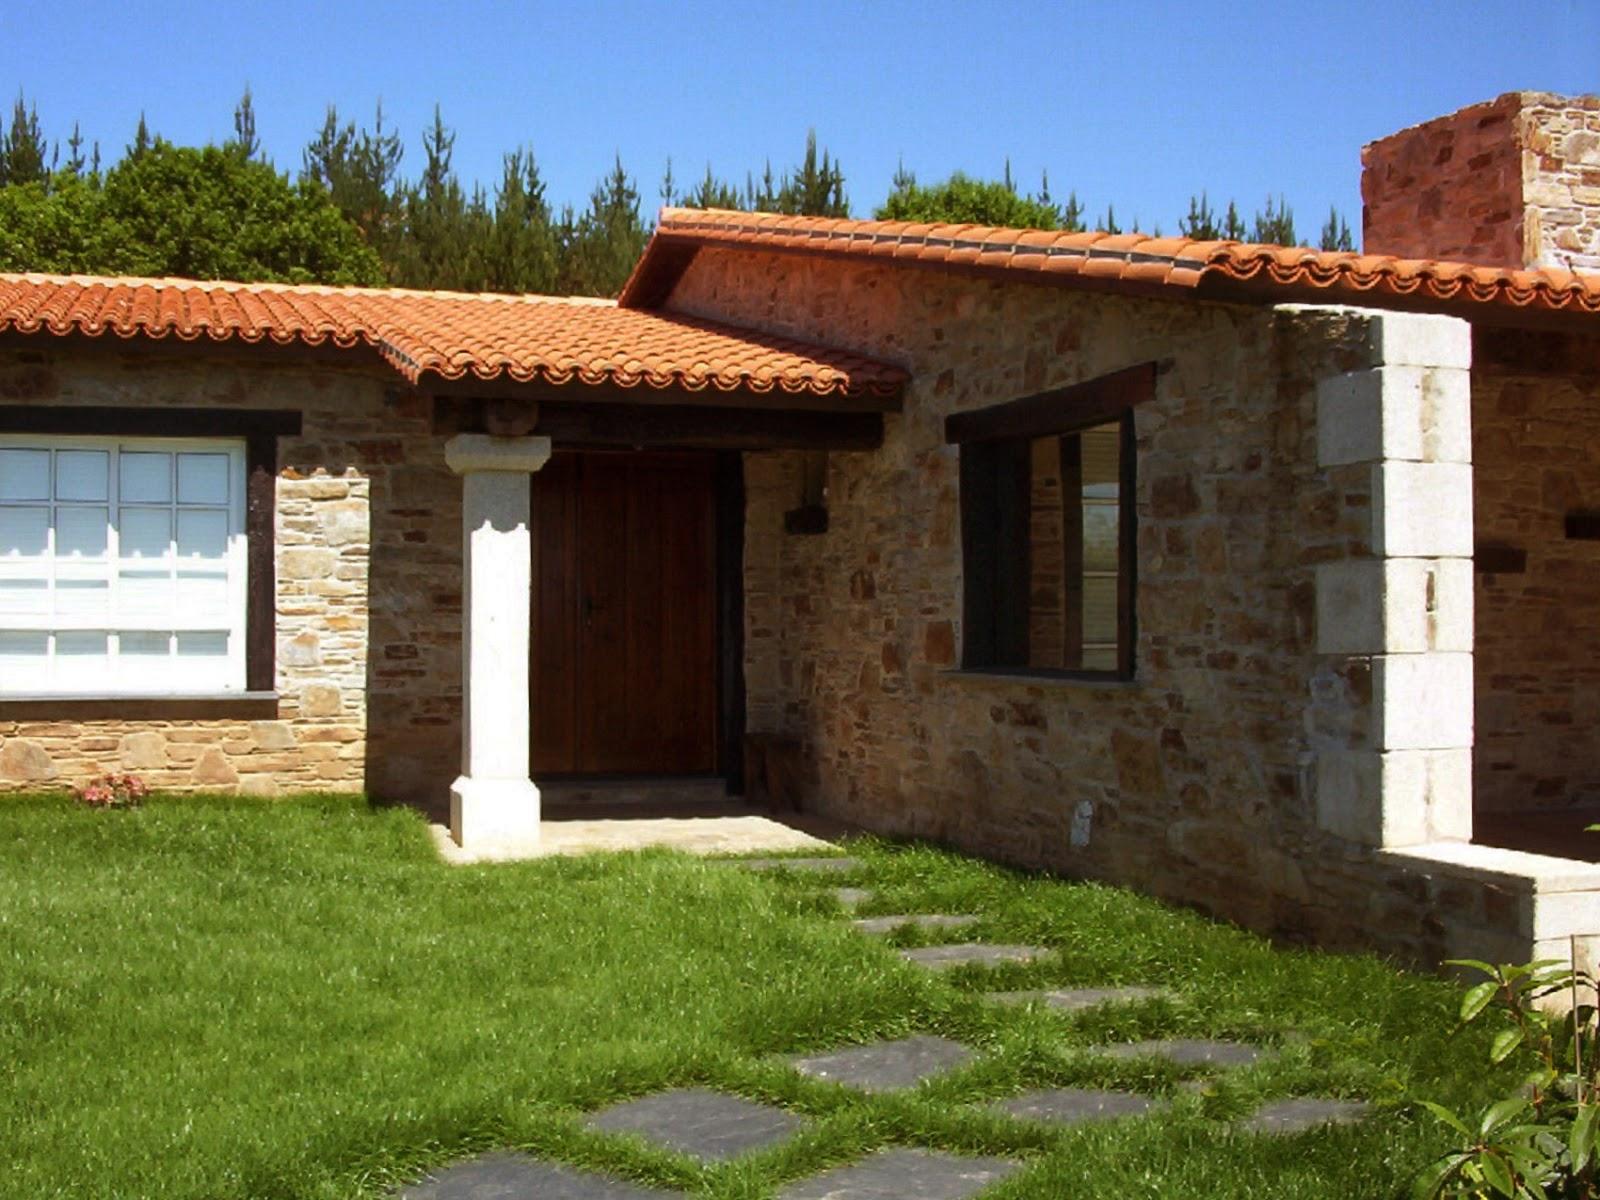 Construcciones r sticas gallegas a pleno sol for Construcciones rusticas